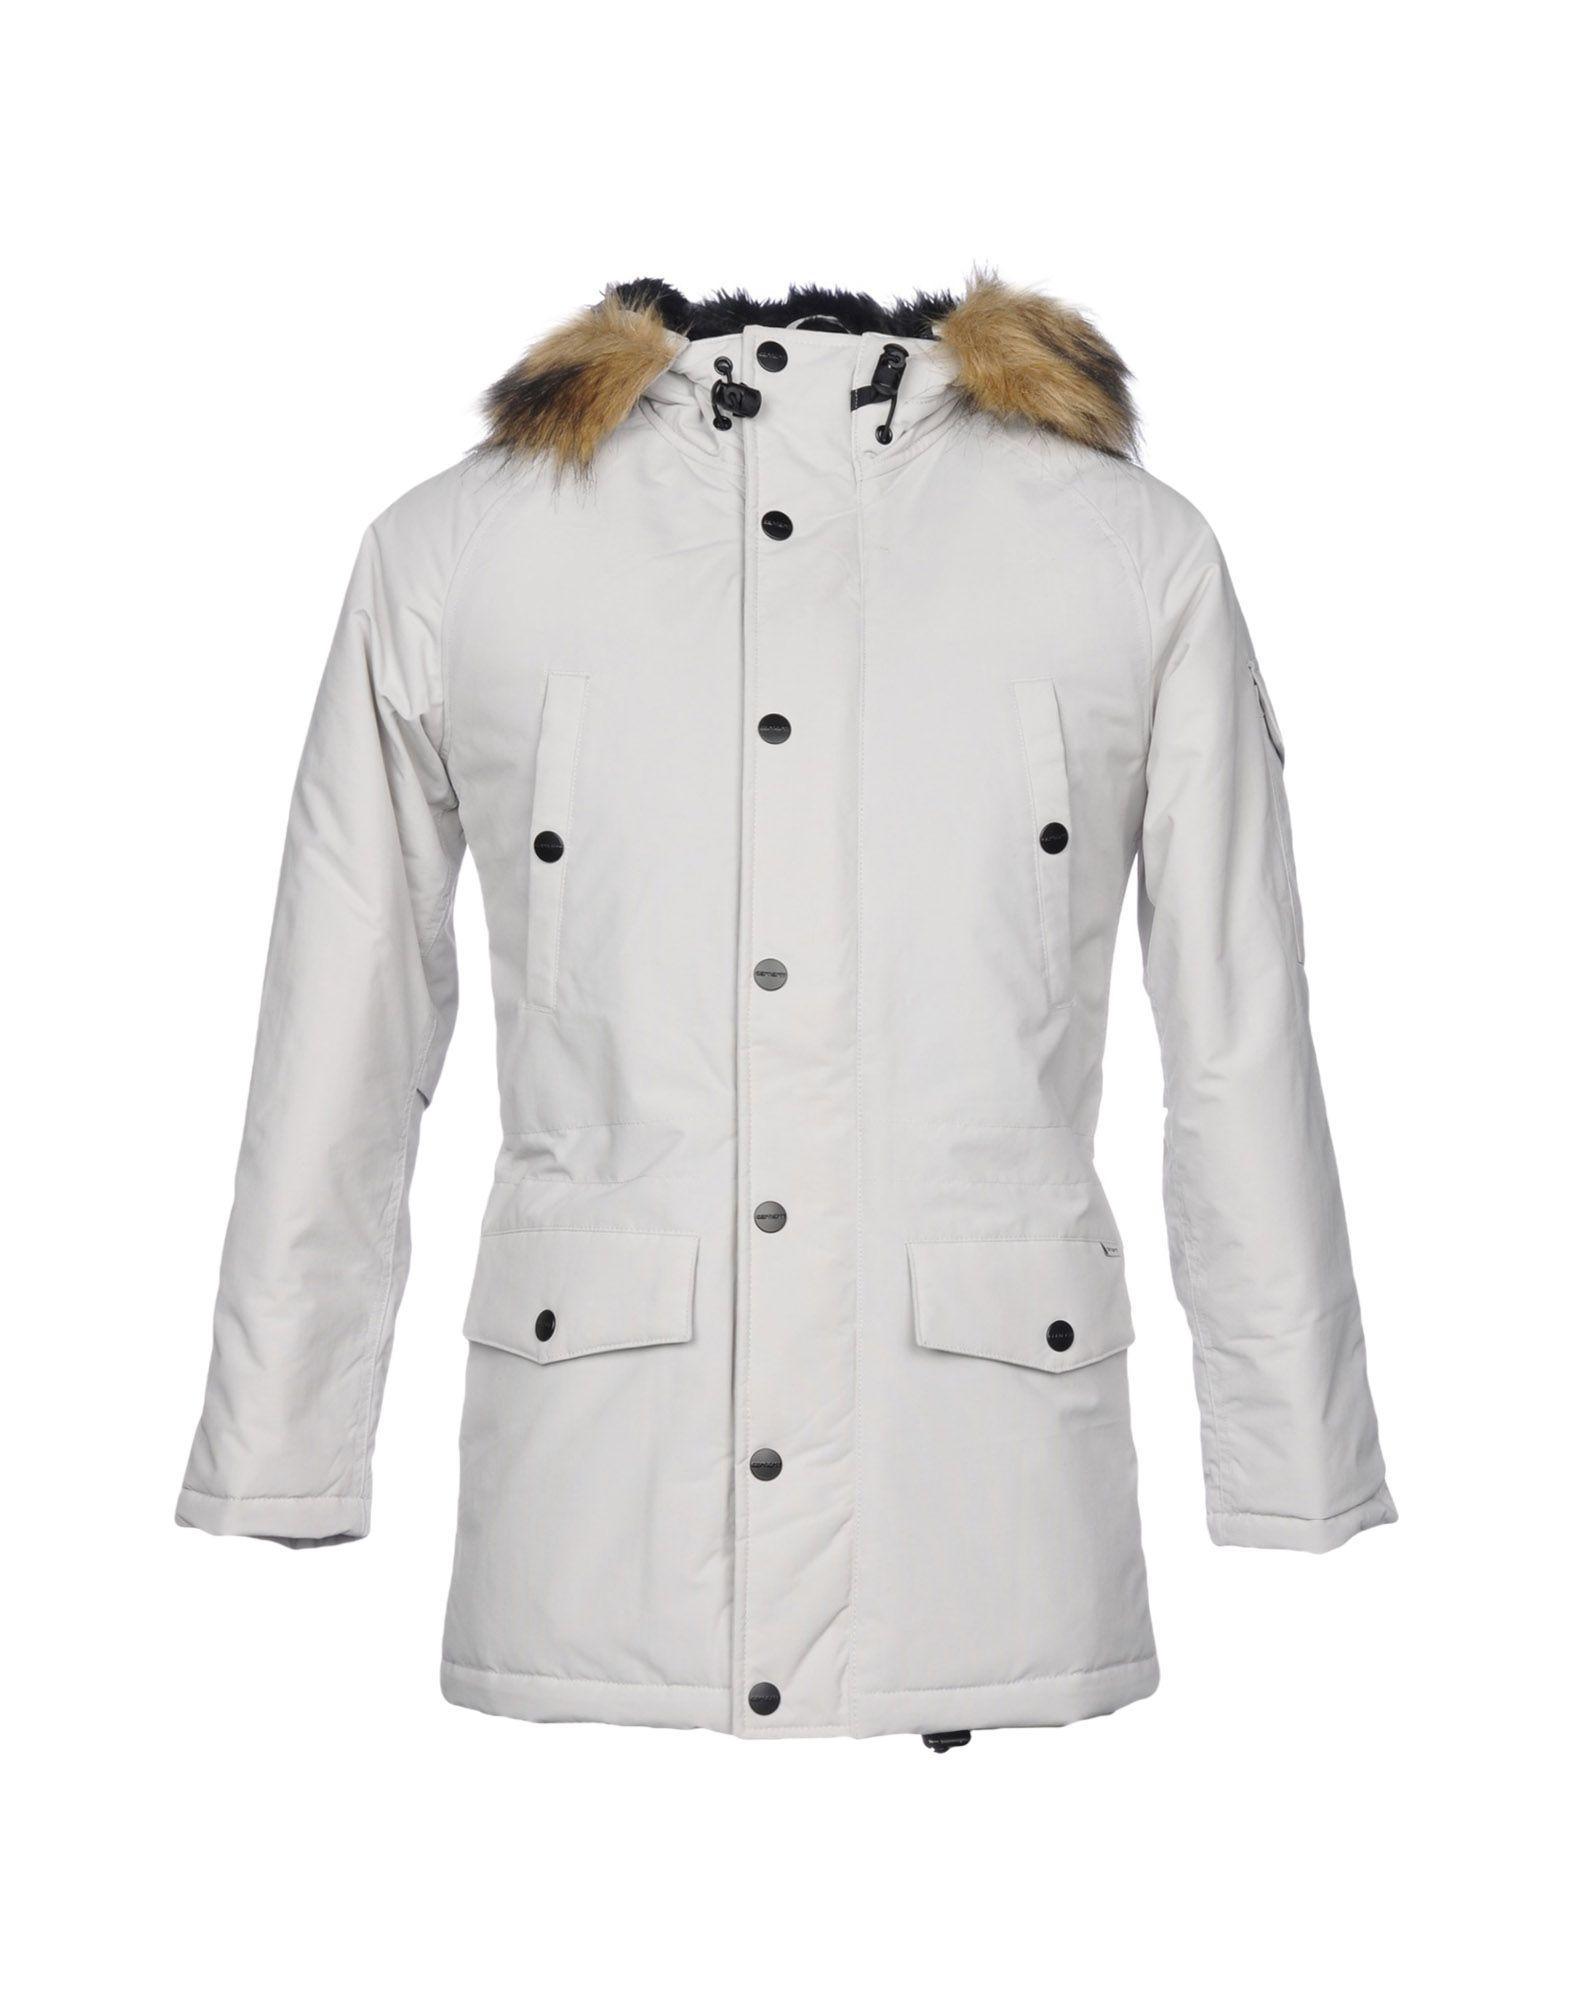 Carhartt Jacket In Light Grey